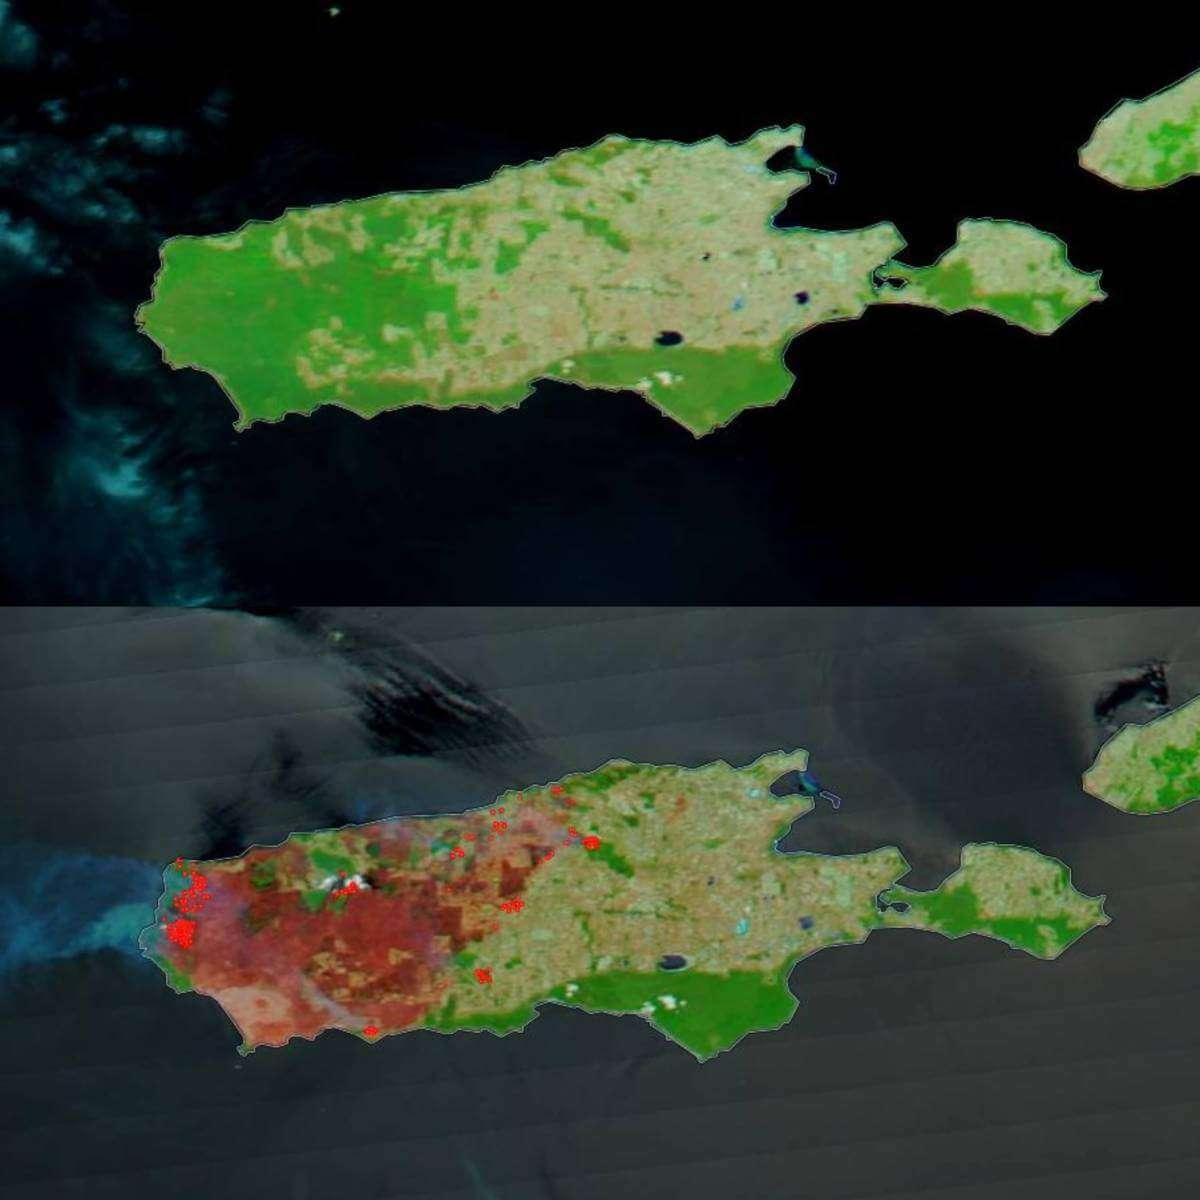 Згори — австралійський острів Кенгуру 16 грудня 2019 року. Знизу — він же три тижні потому. Червоним позначено зони, які досі у вогні. Найменший «натяк» на рослинність, що не згоріла, позначено яскраво-зеленим кольором.